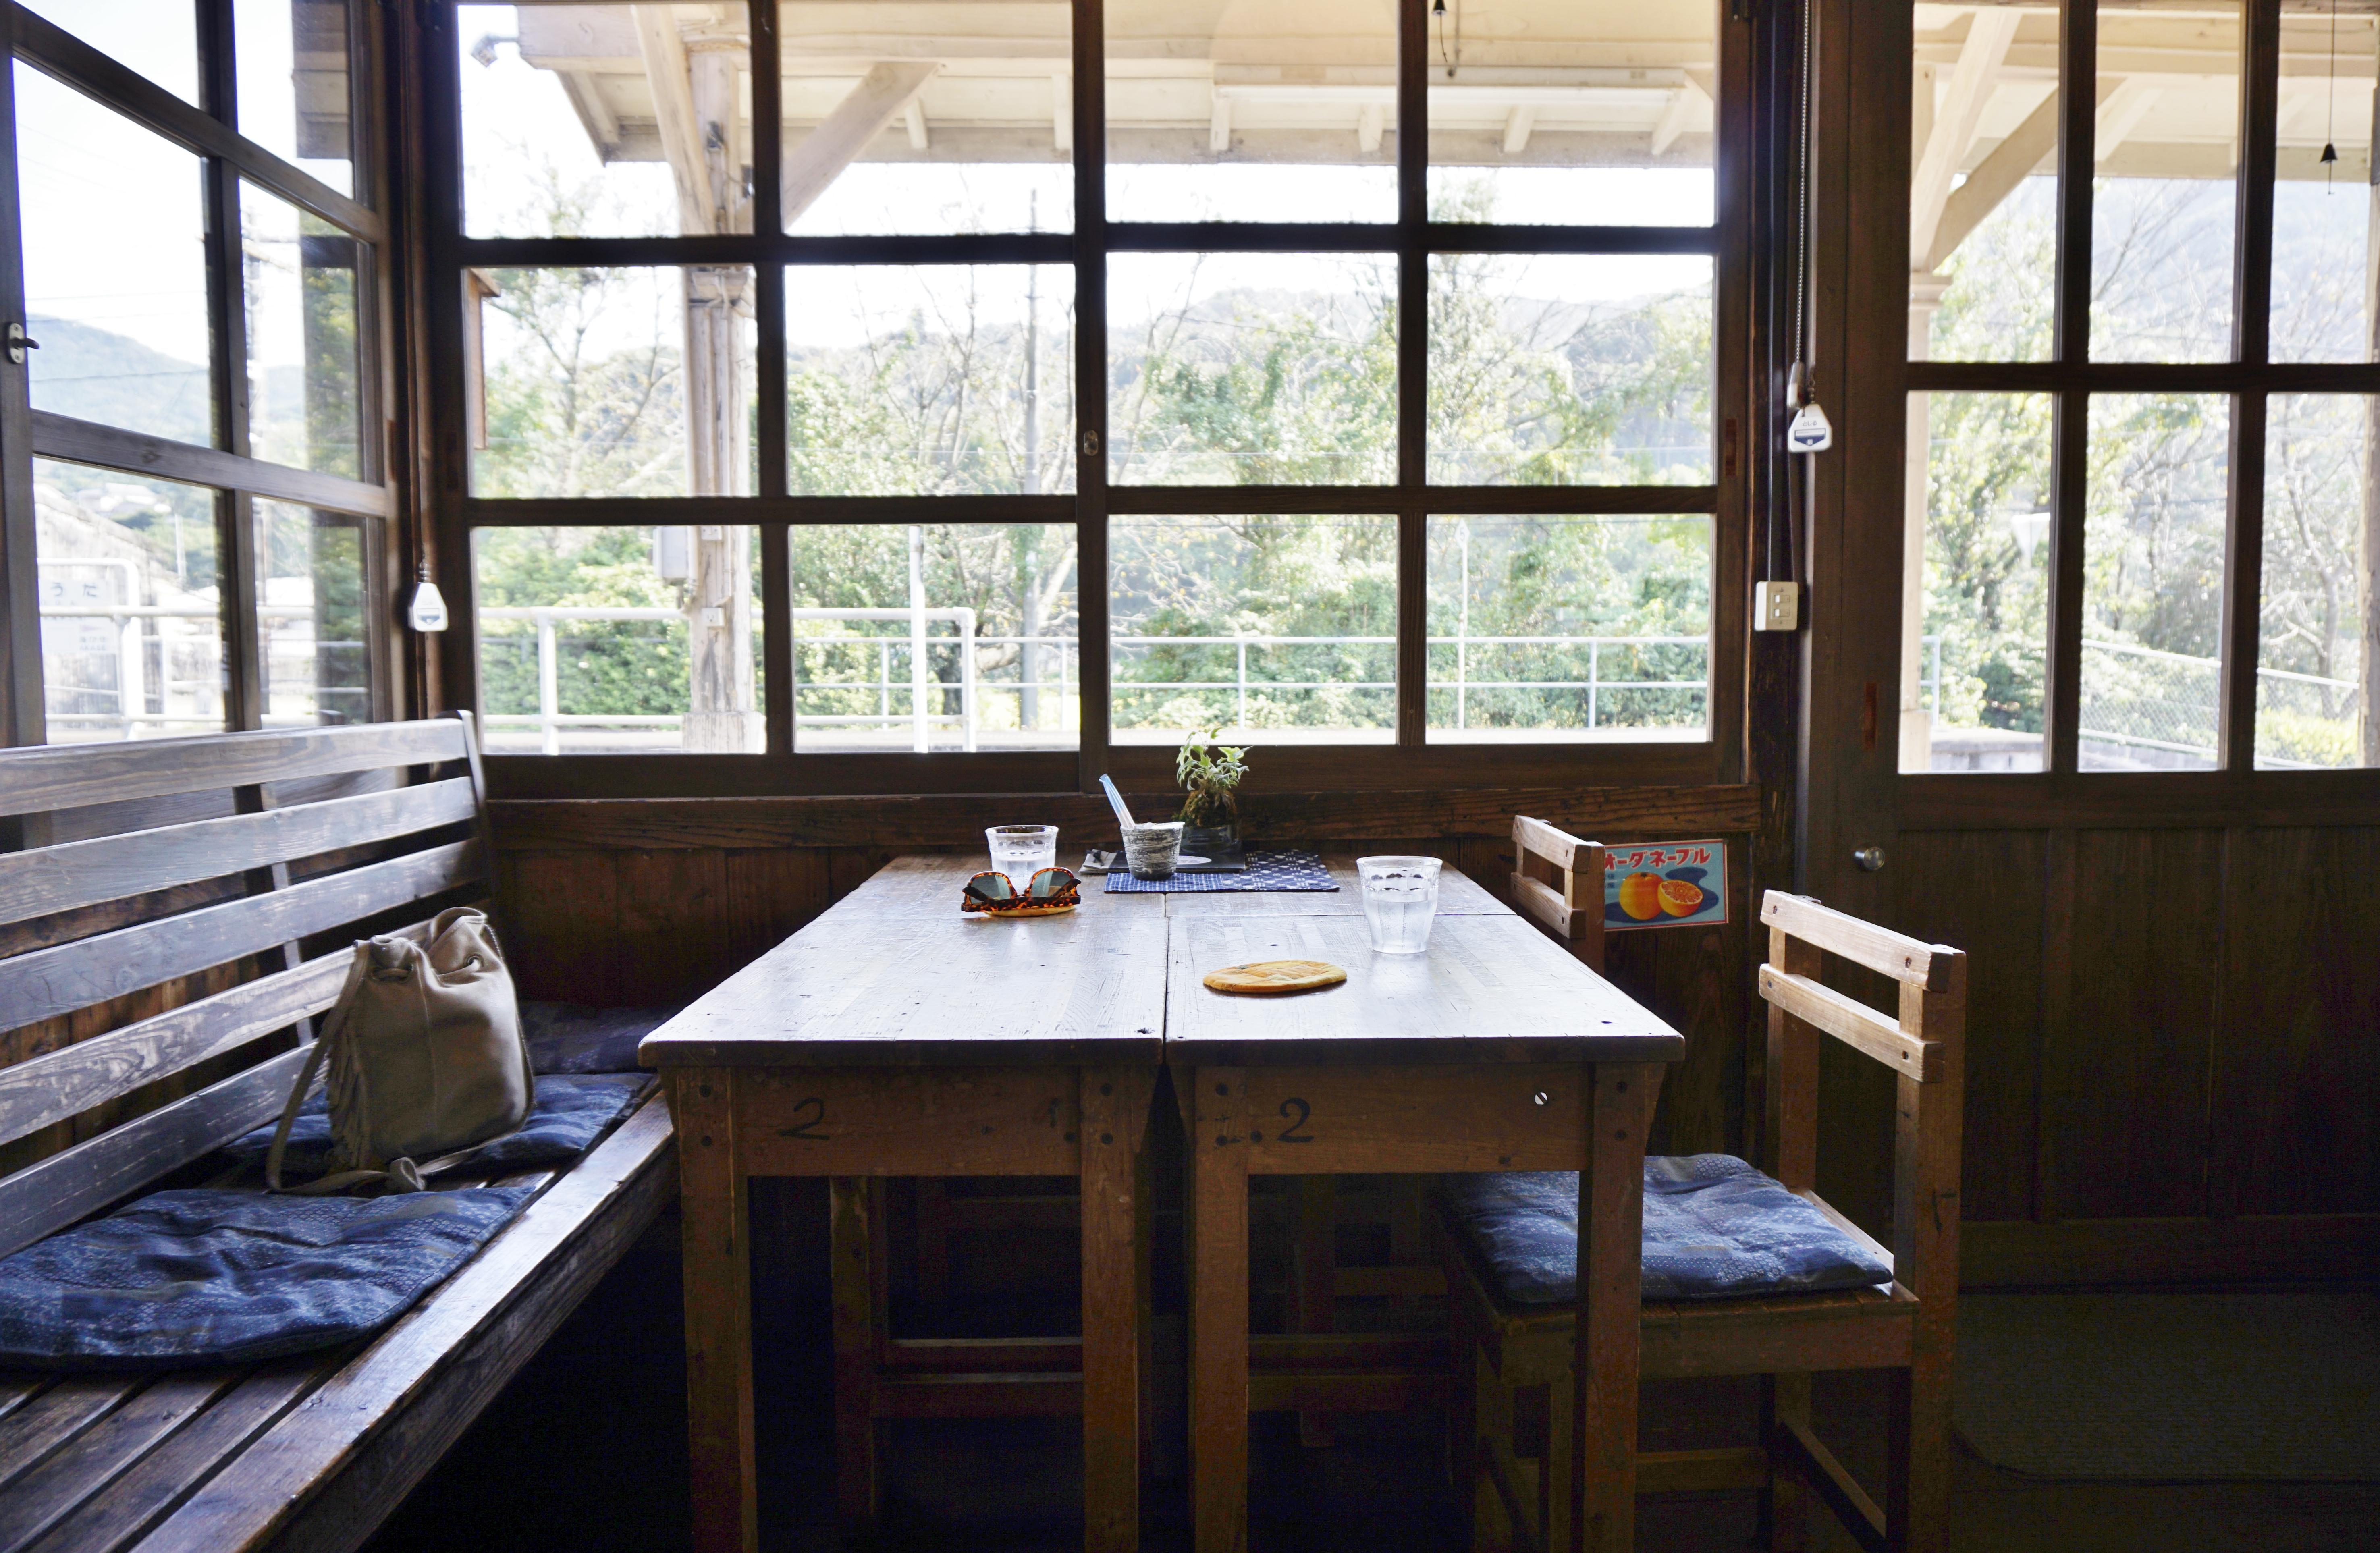 【網田レトロ館】宇土の県内最古・木造駅舎で電車を見ながらコーヒーが飲める駅カフェ